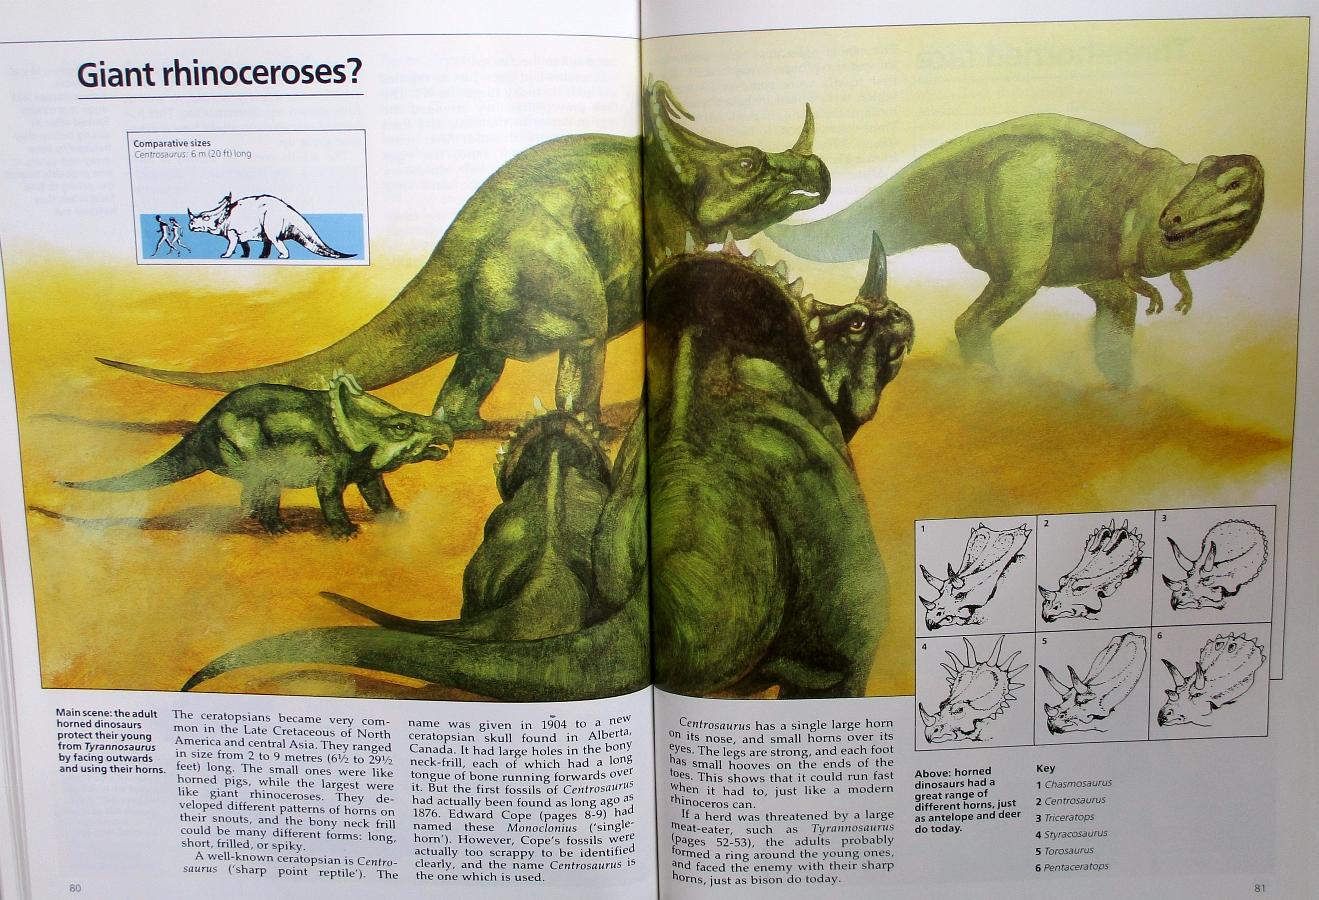 Giant rhinoceroses?